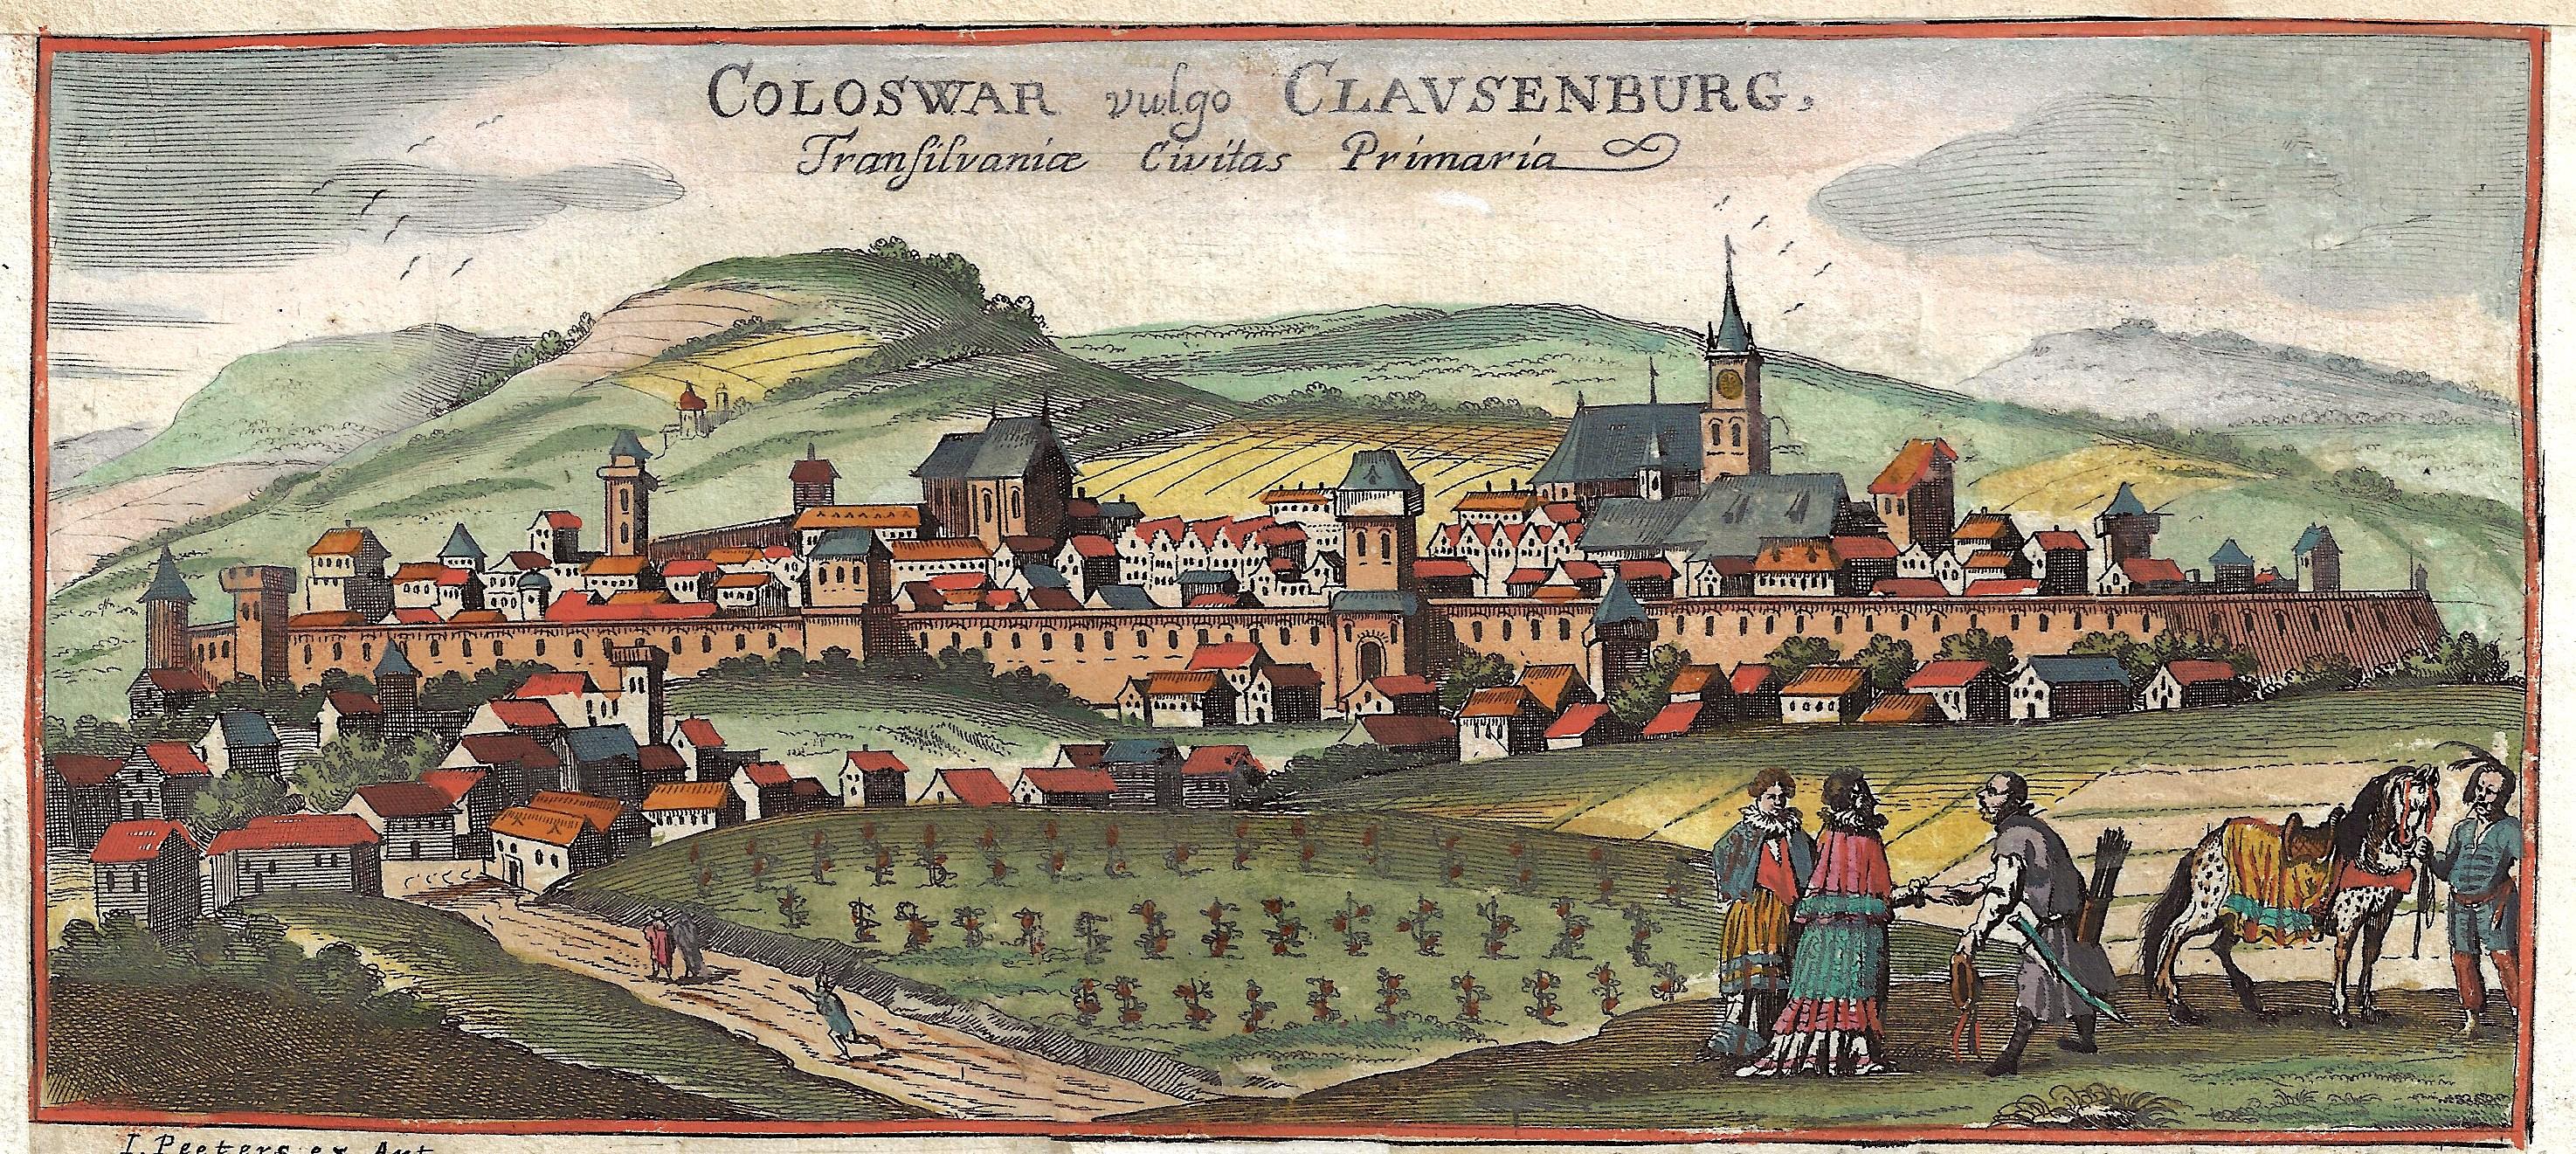 Peeters  Coloswar vulgo Clausenburg, Transilvaniae Civitas Primaria